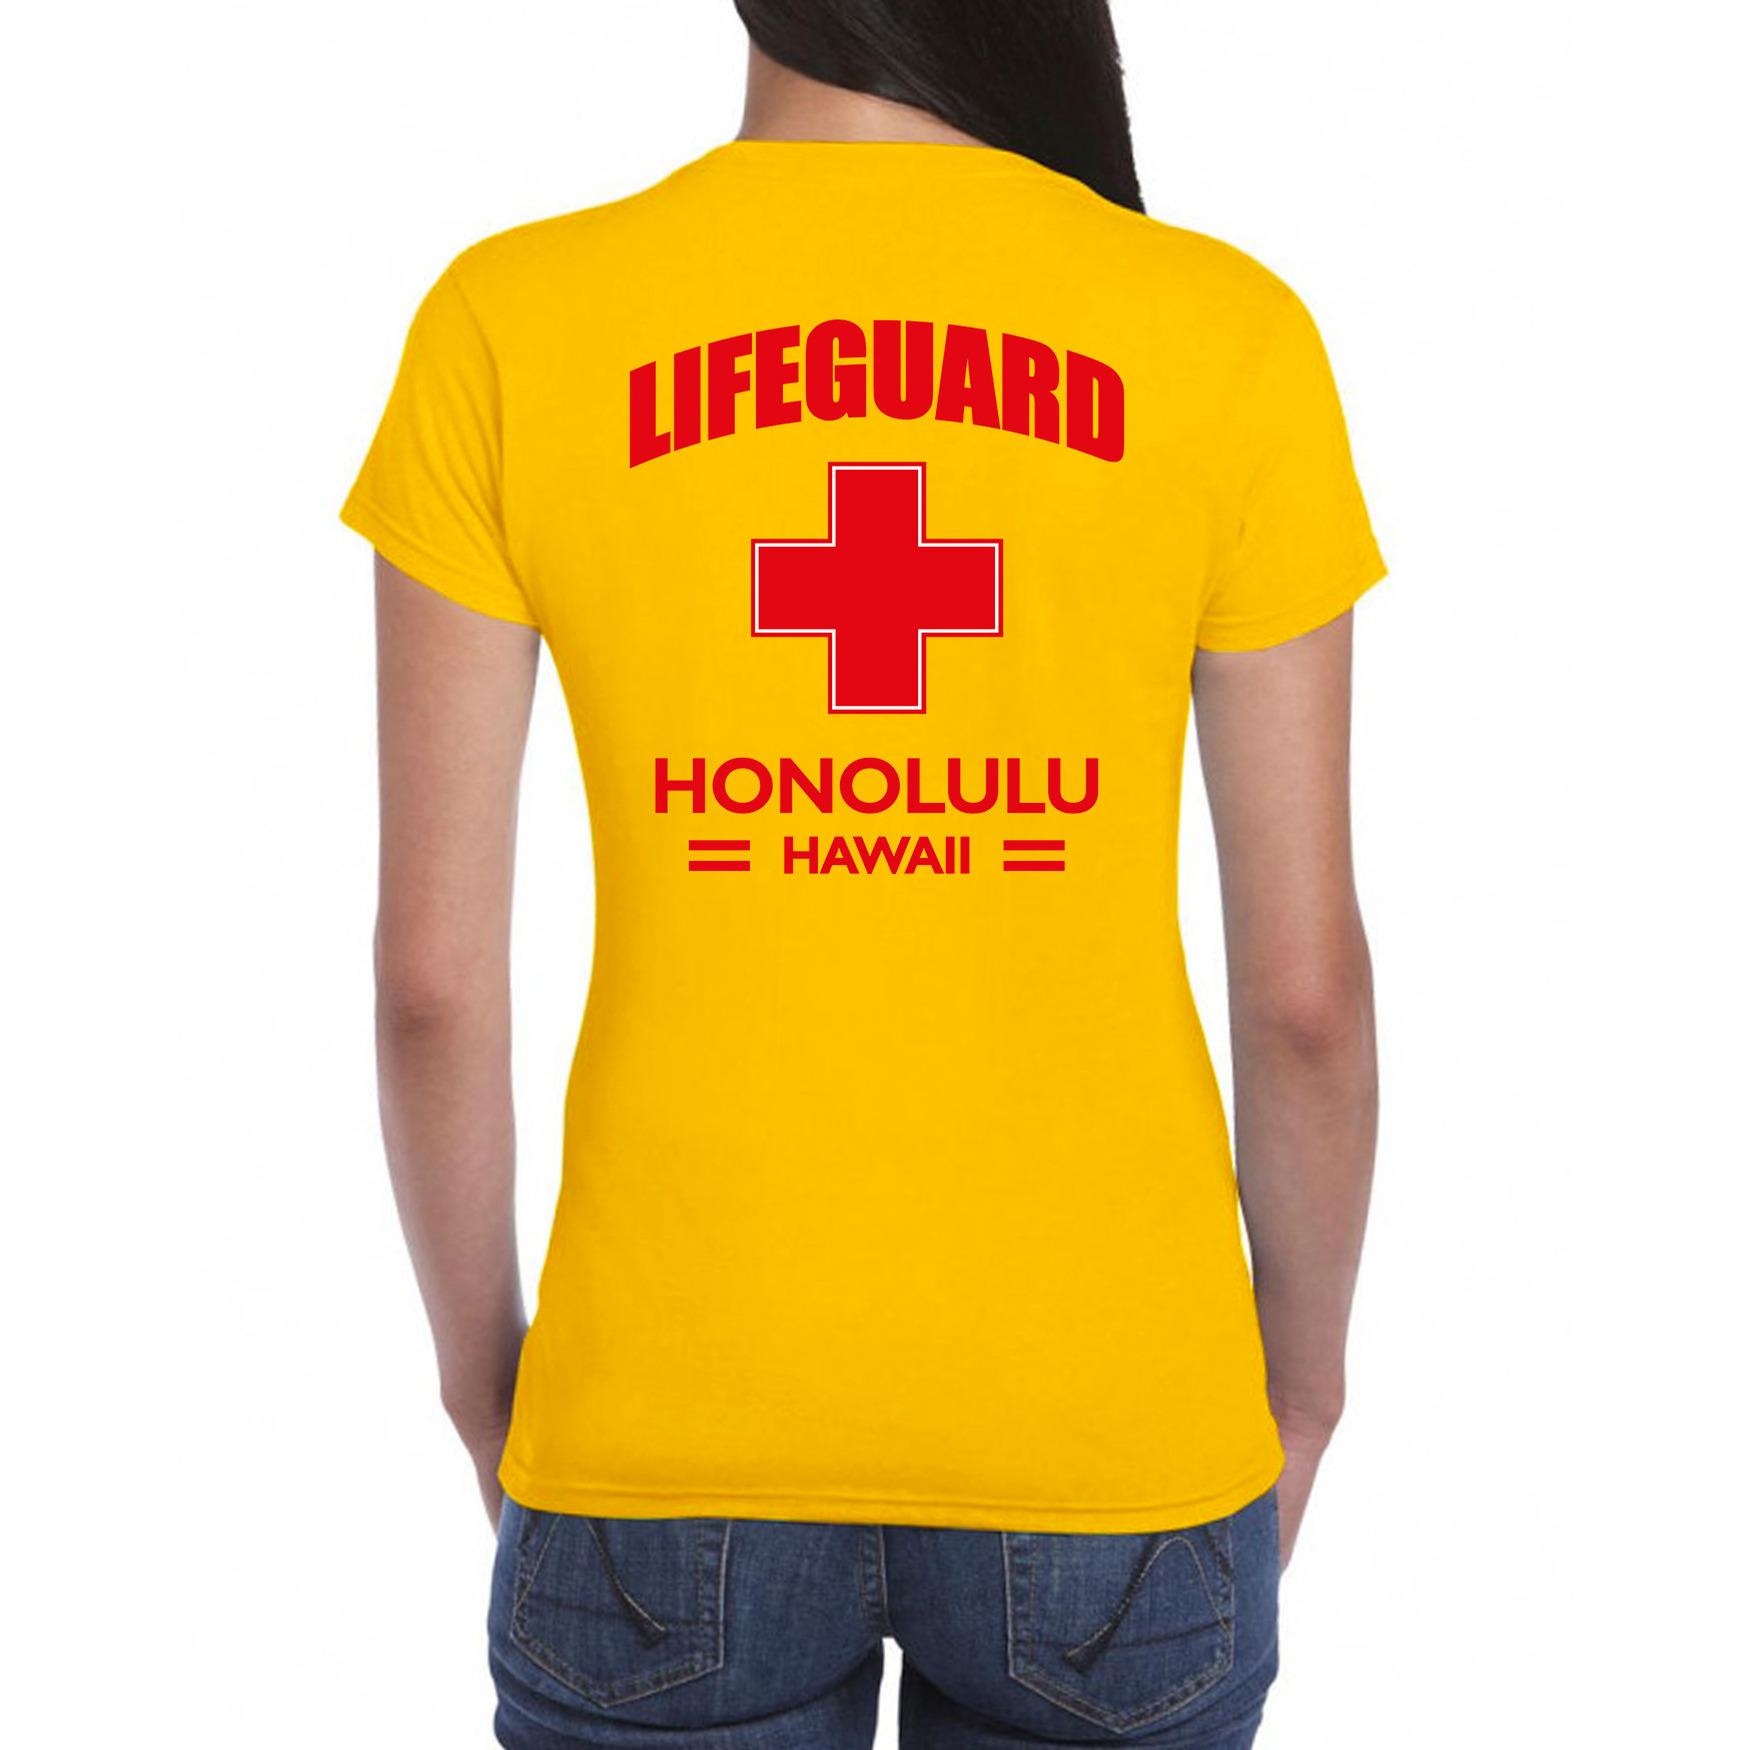 Lifeguard- strandwacht verkleed t-shirt-shirt Lifeguard Honolulu Hawaii geel voor dames